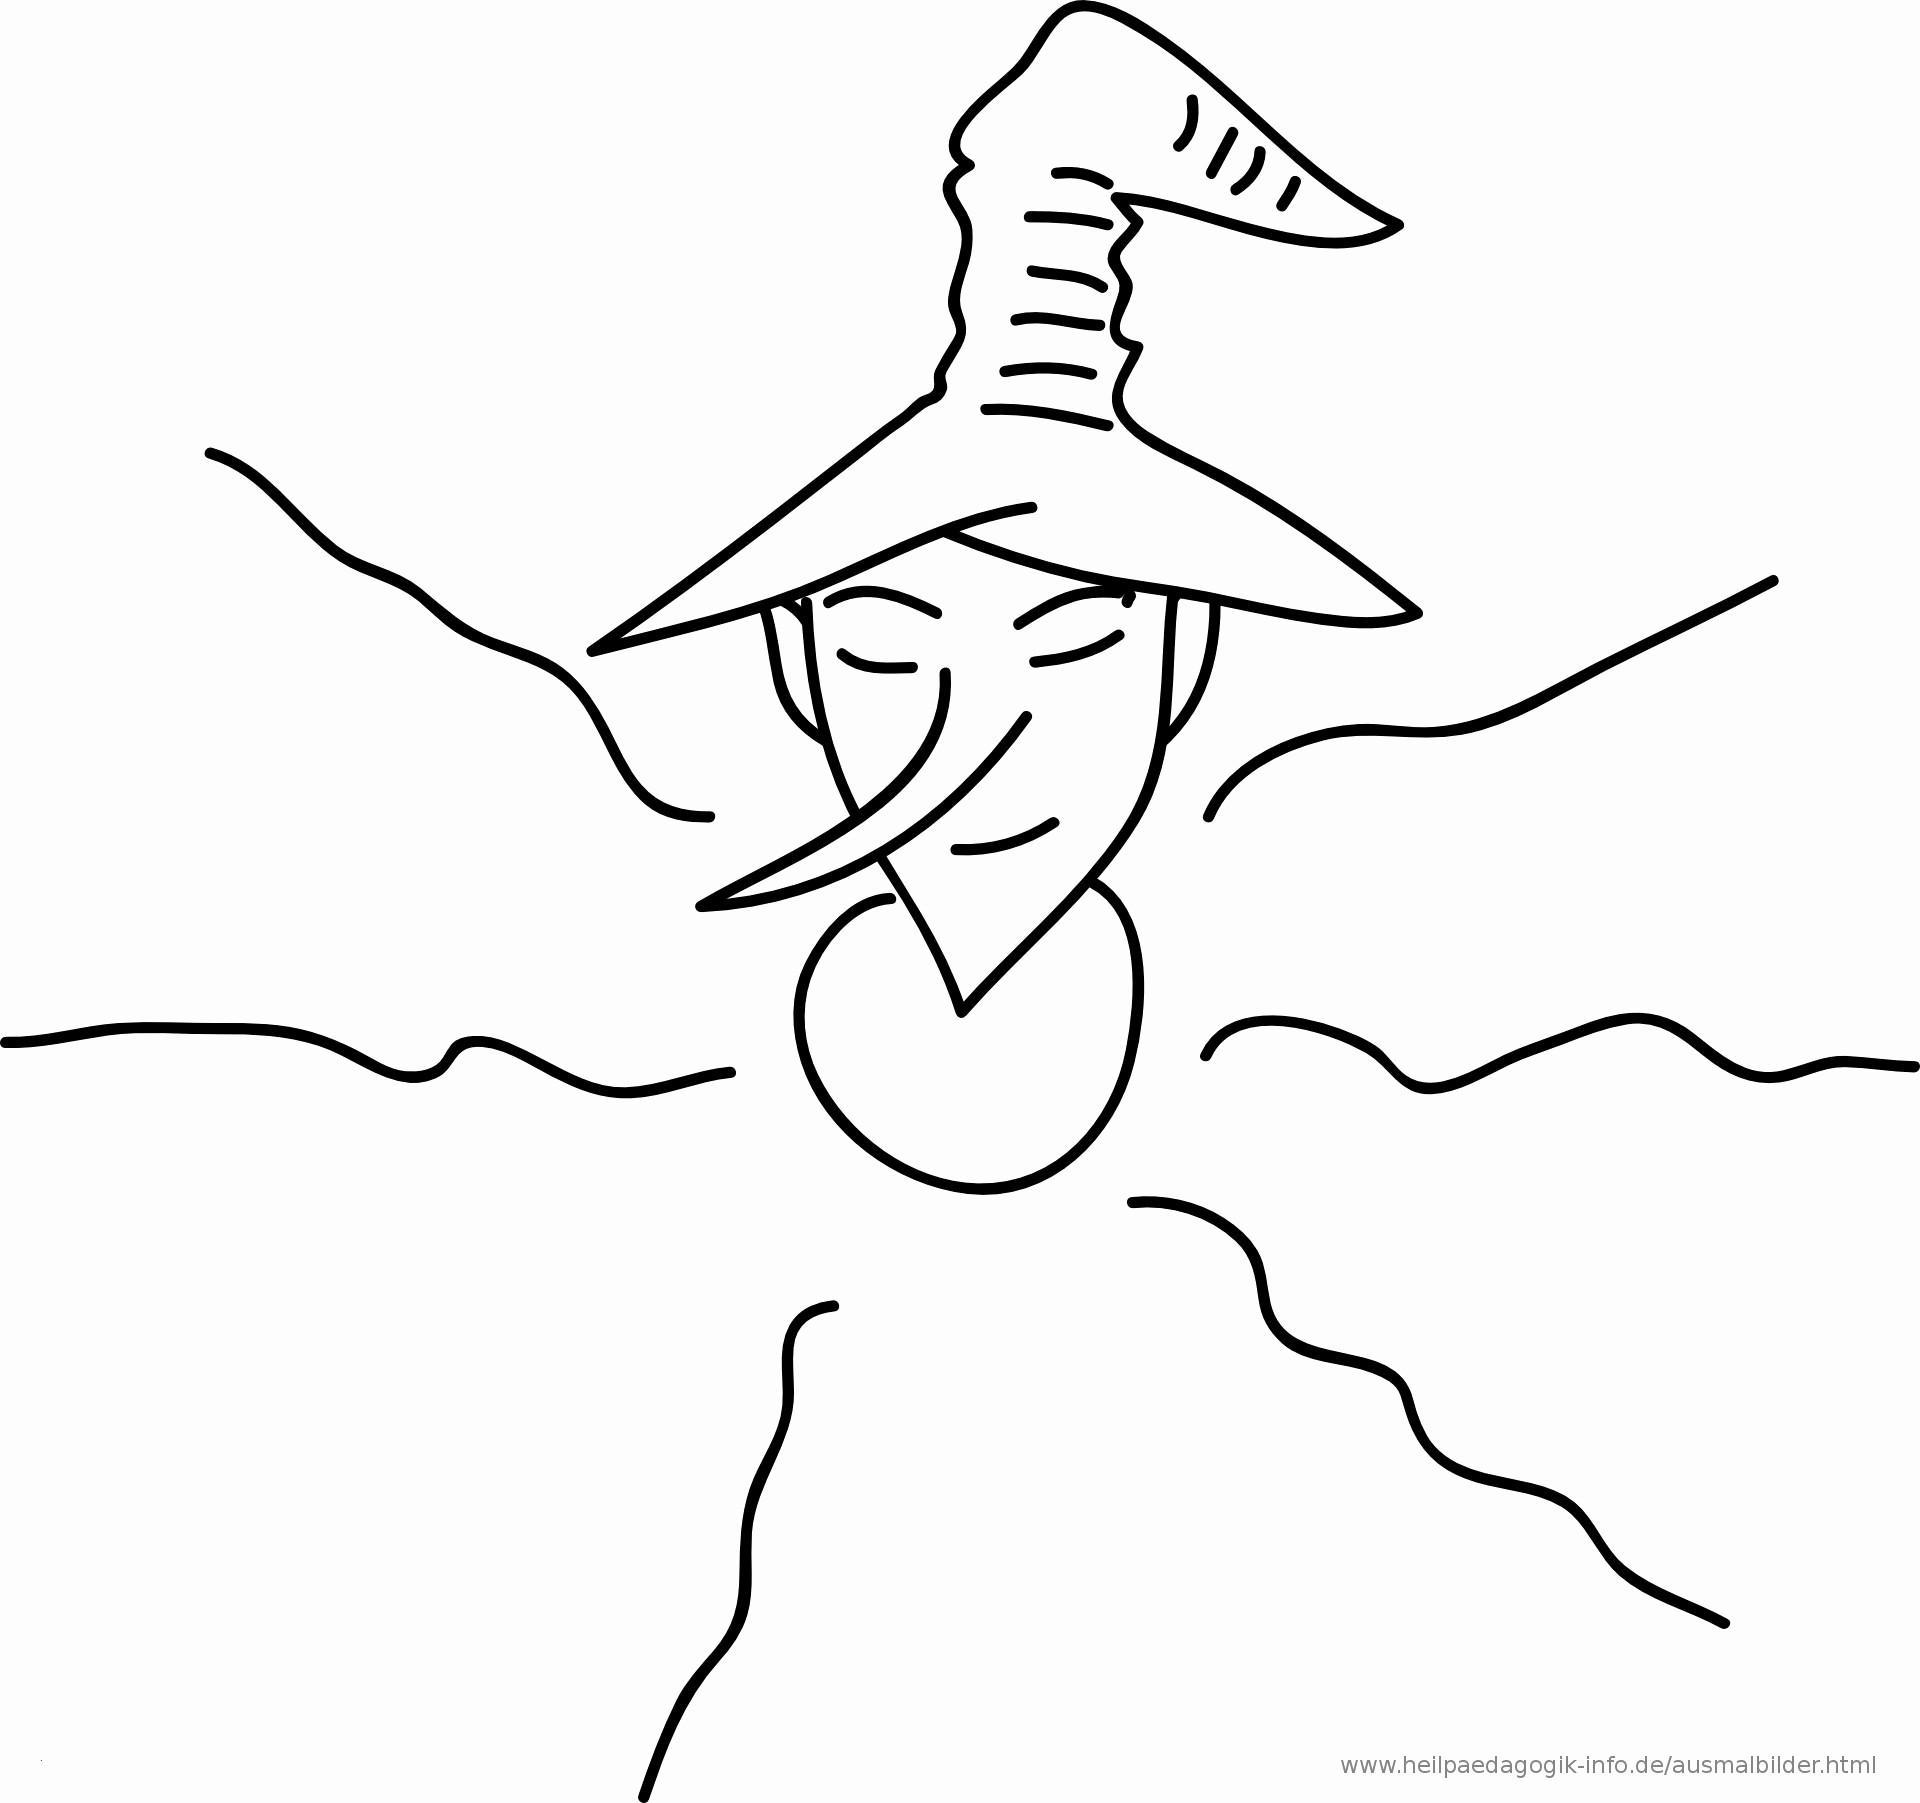 Ausmalbilder Prinzessin Feen Genial Malvorlagen Für Bildung Xtd6 Sammlung